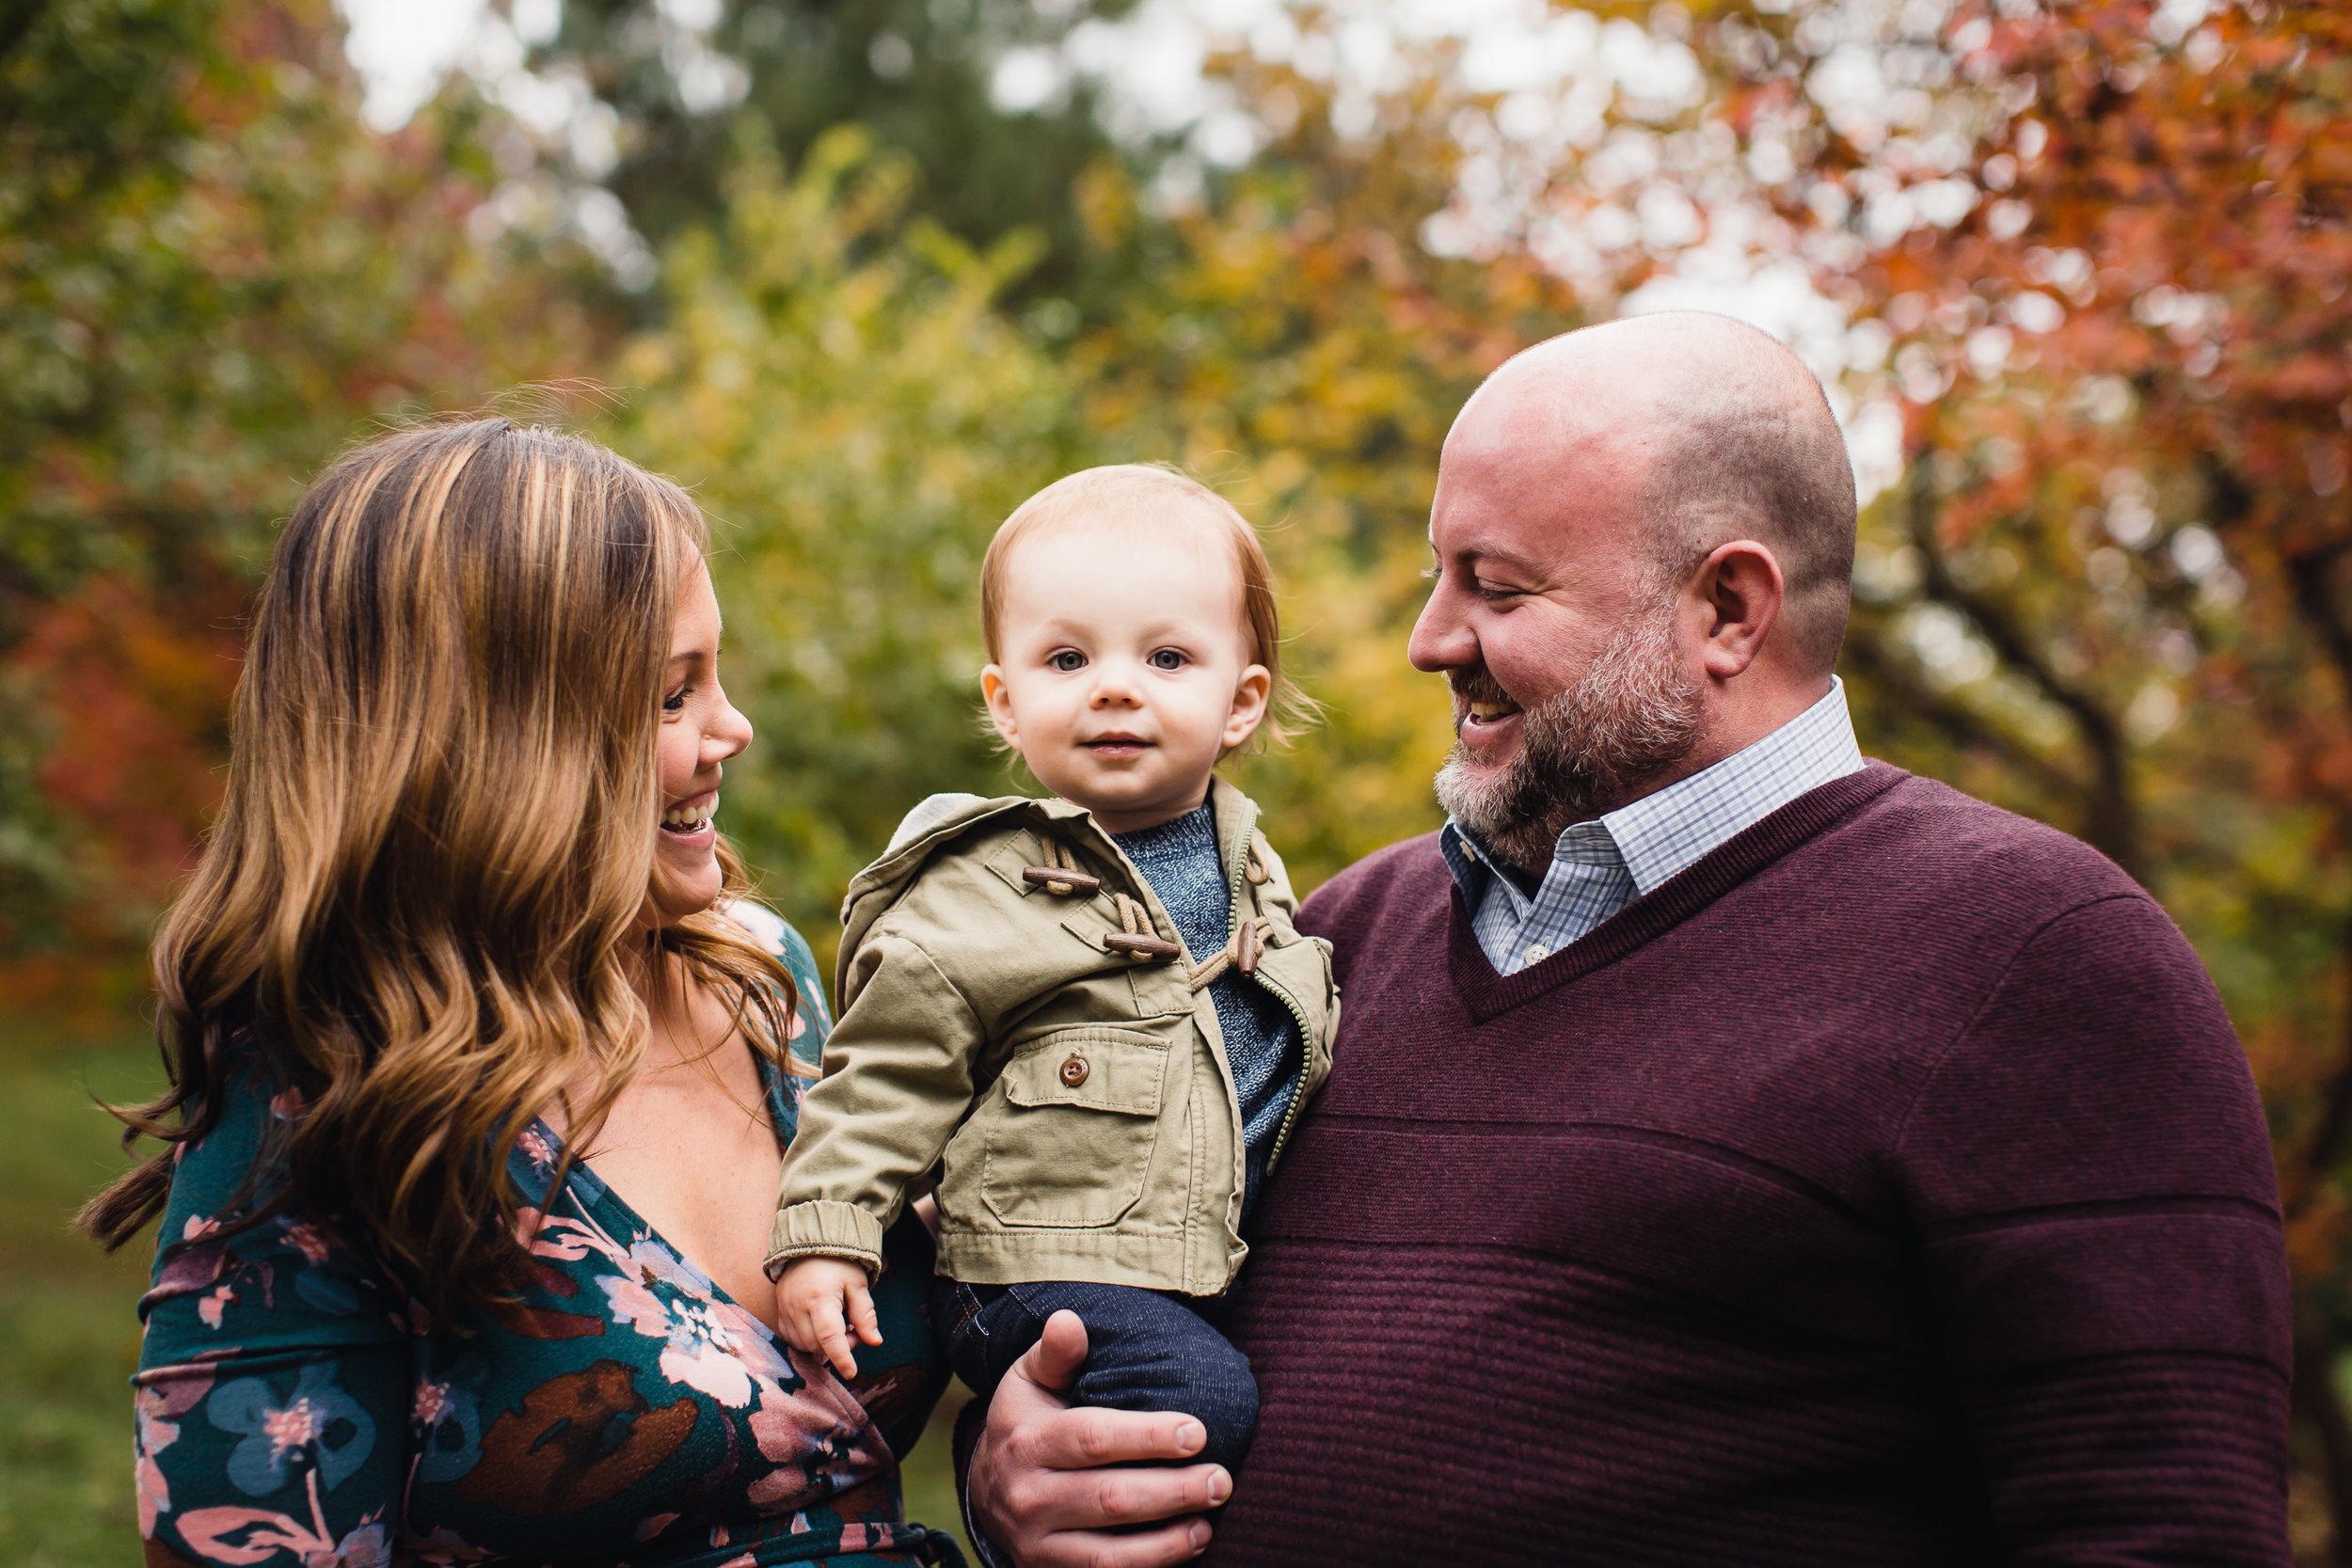 Gianna Keiko Atlanta Lifestyle Family Photographer-6.jpg